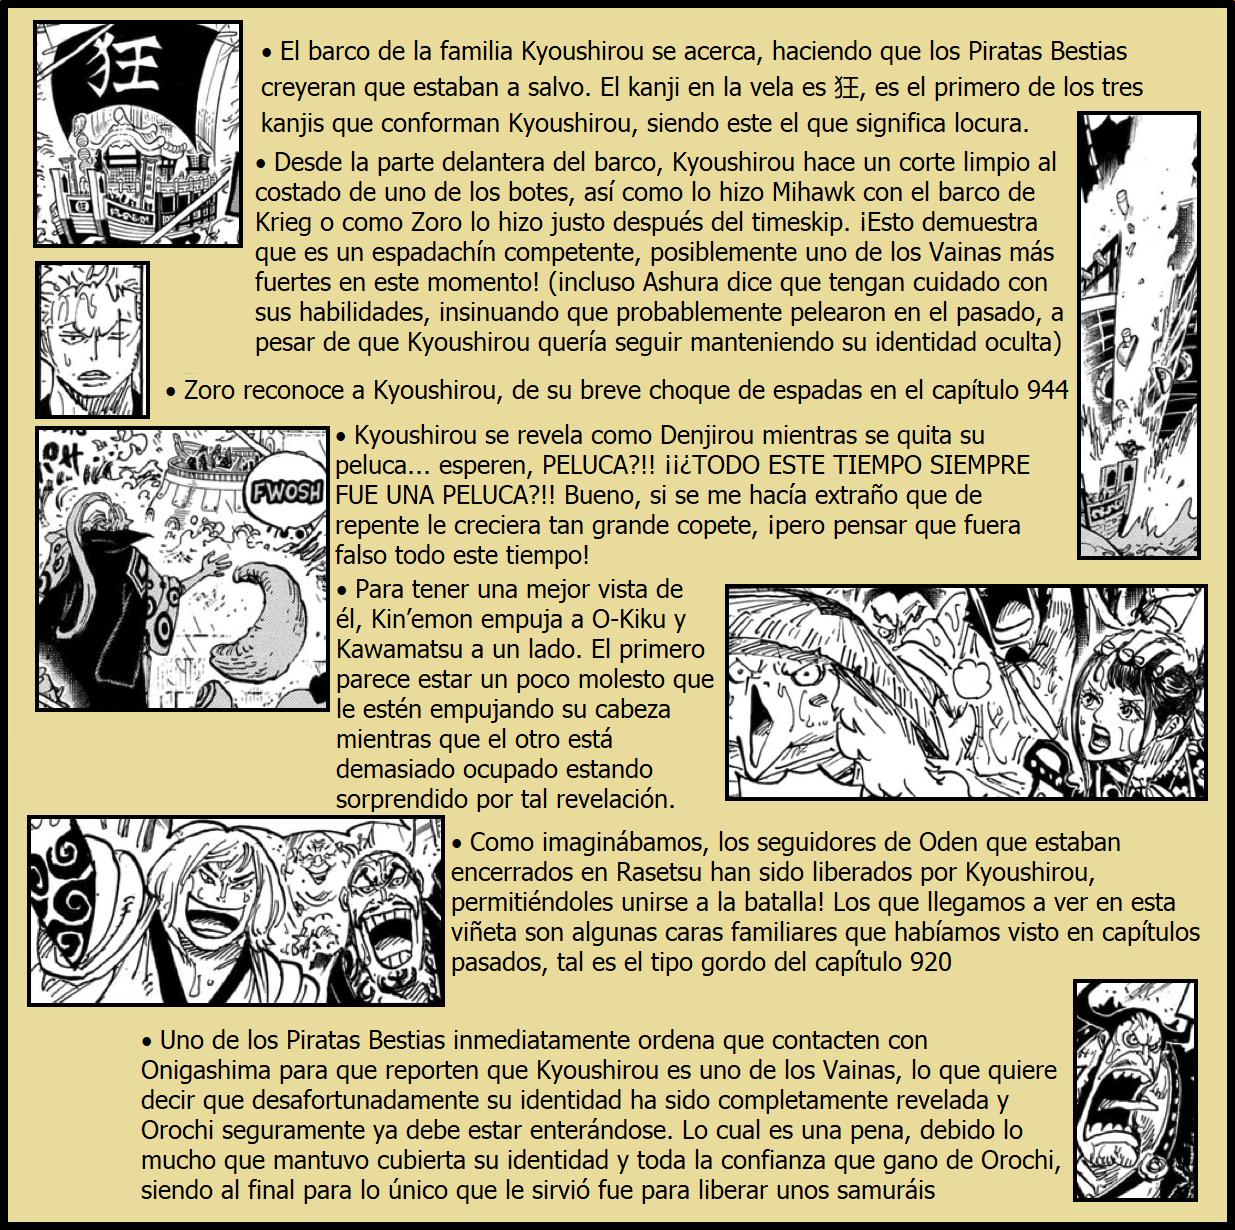 Secretos & Curiosidades - One Piece Manga 975 05